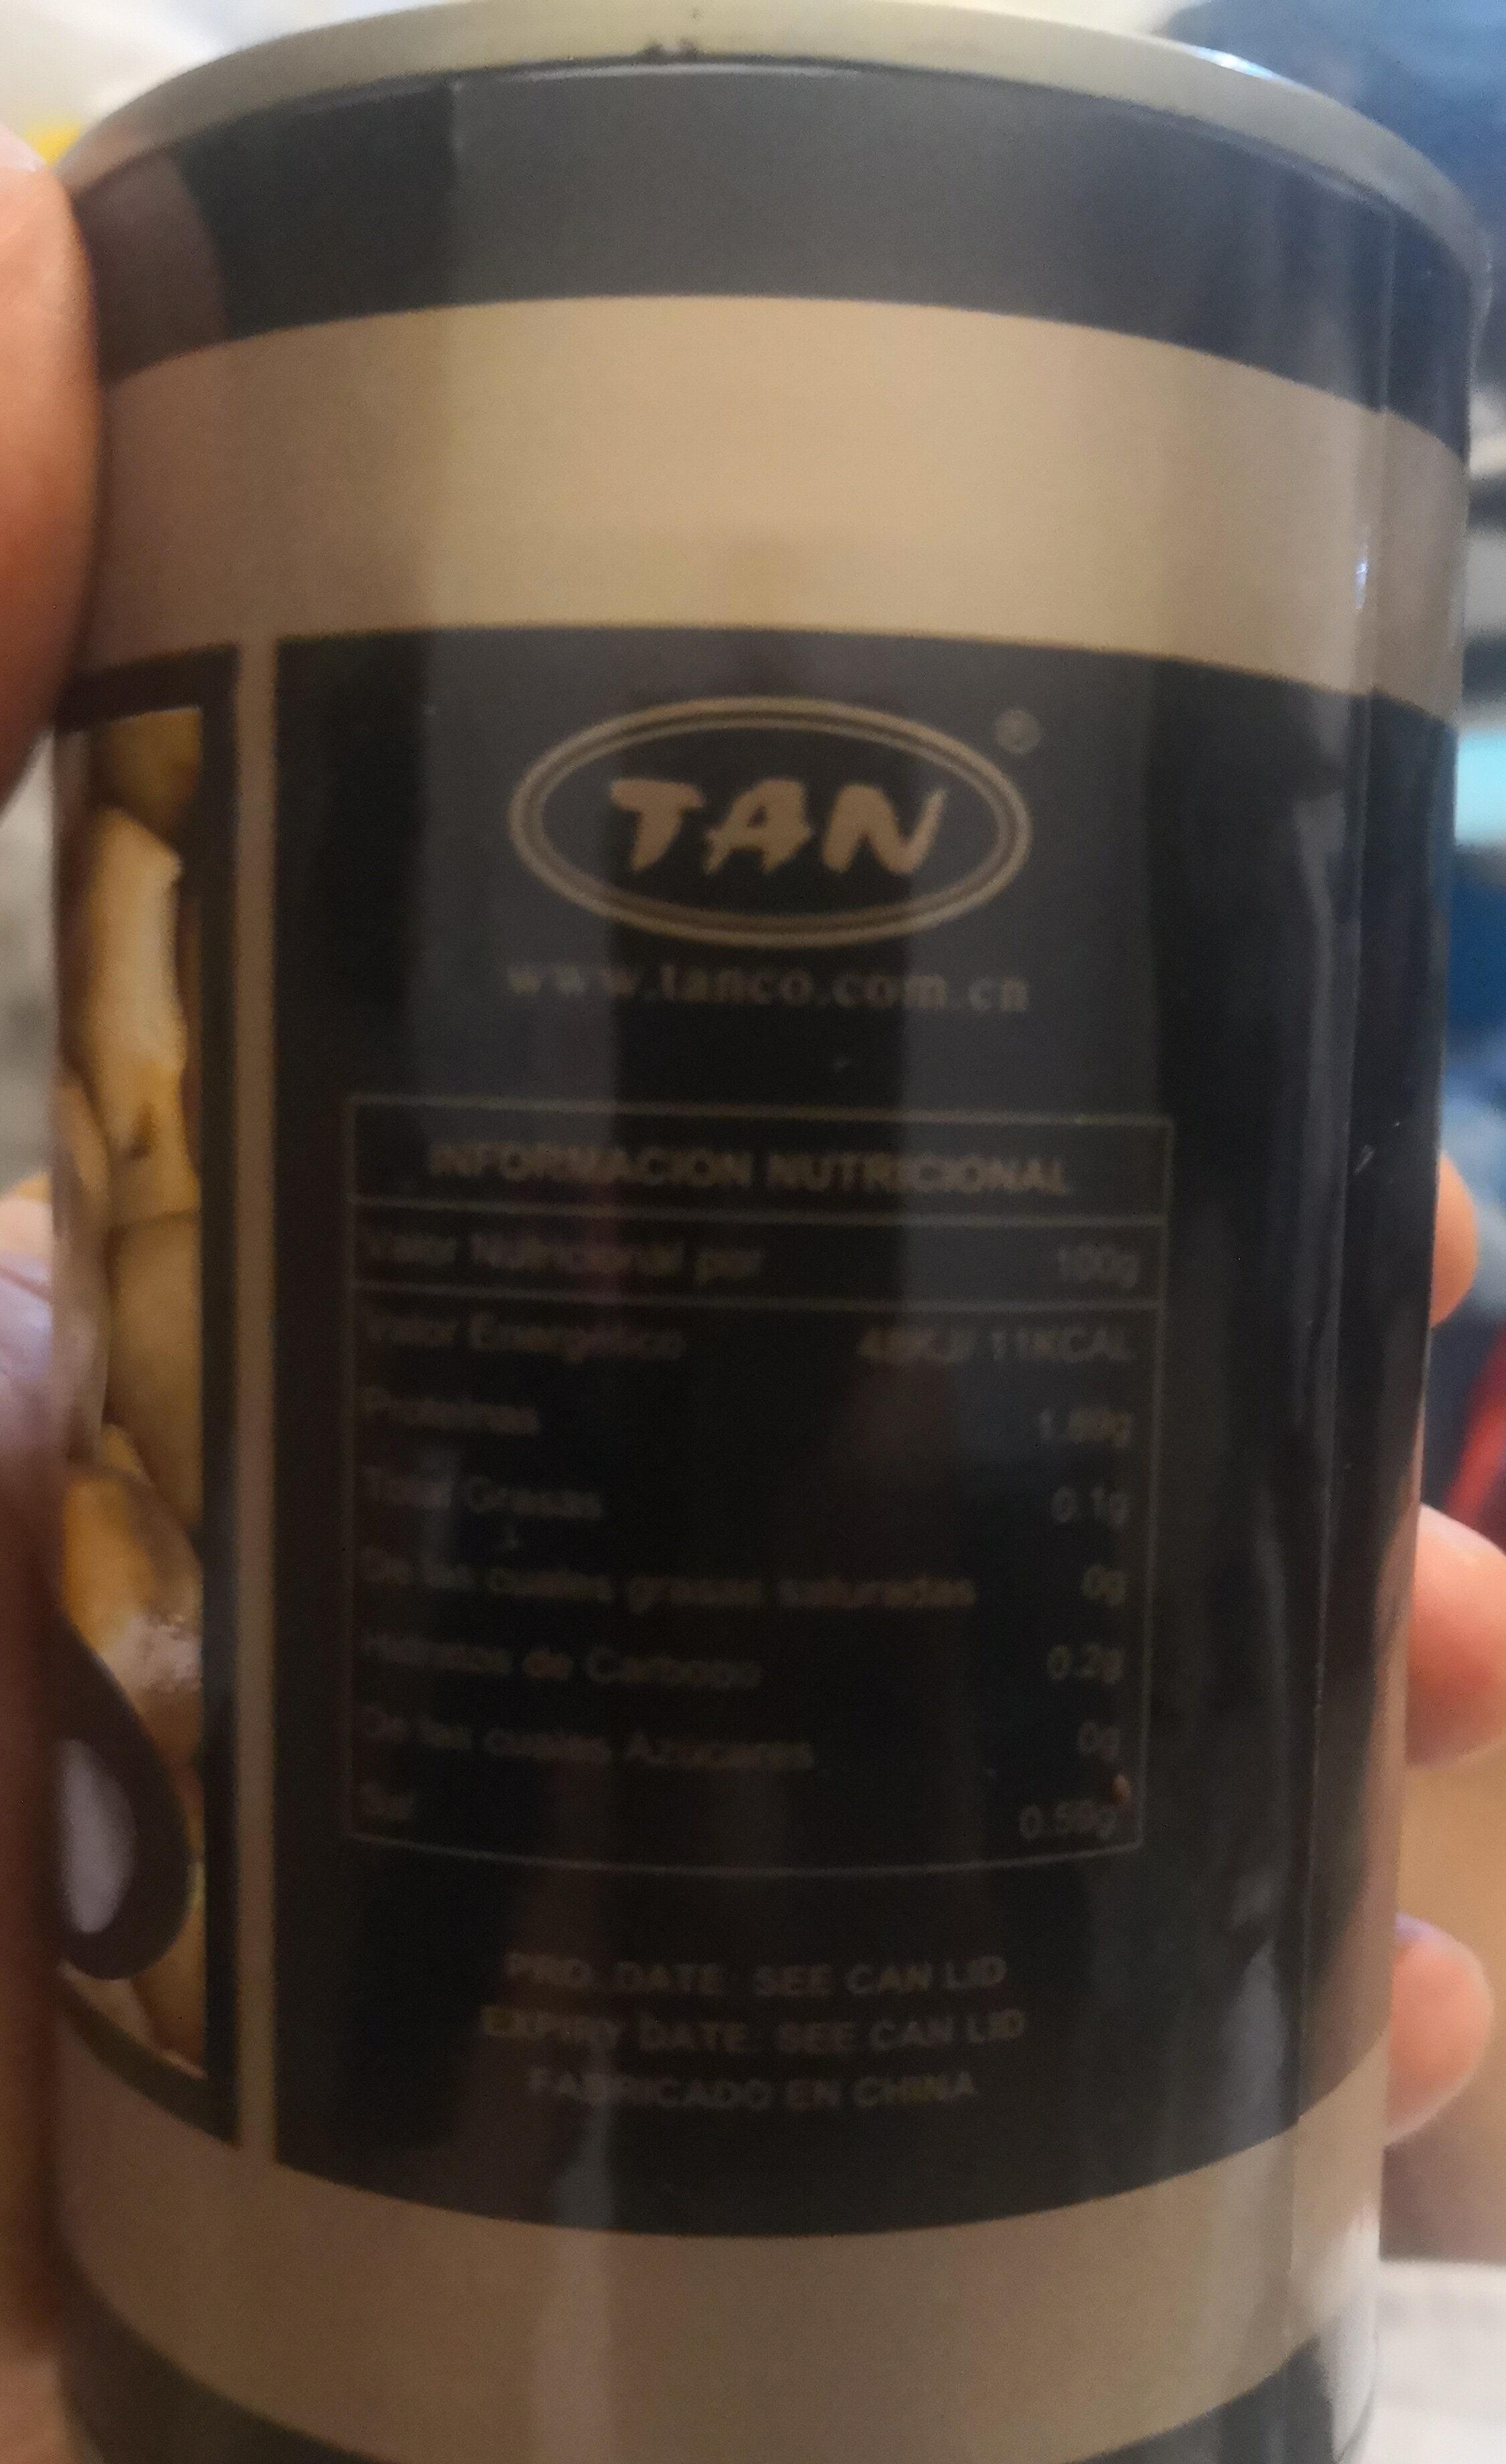 Champiñón Chino Tan - Producte - es